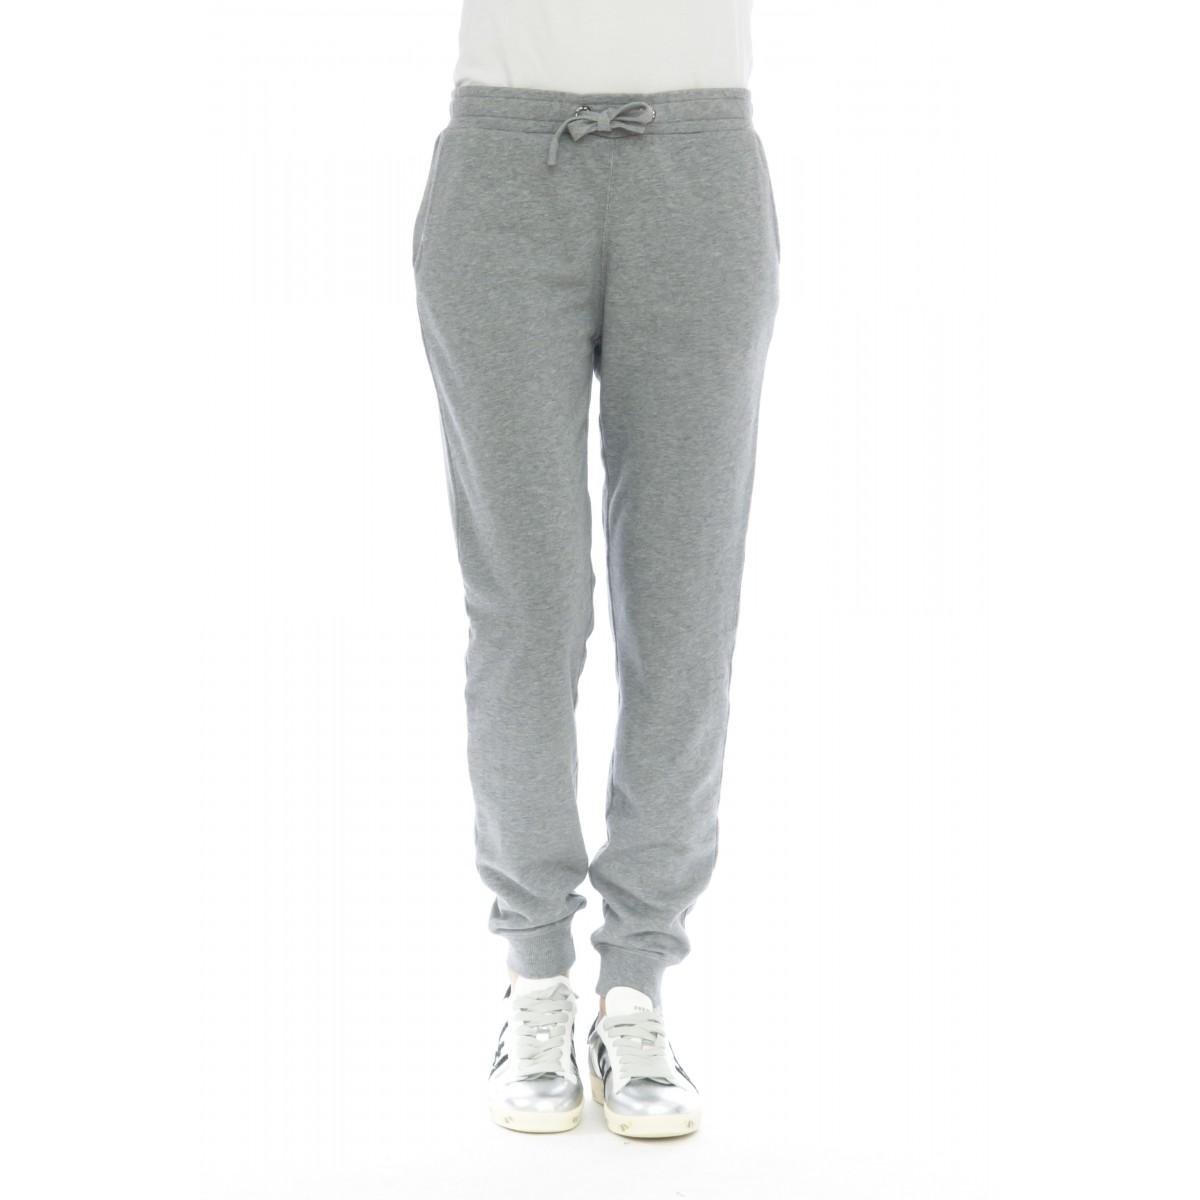 Pantalone donna - F19217 pantalone felpa